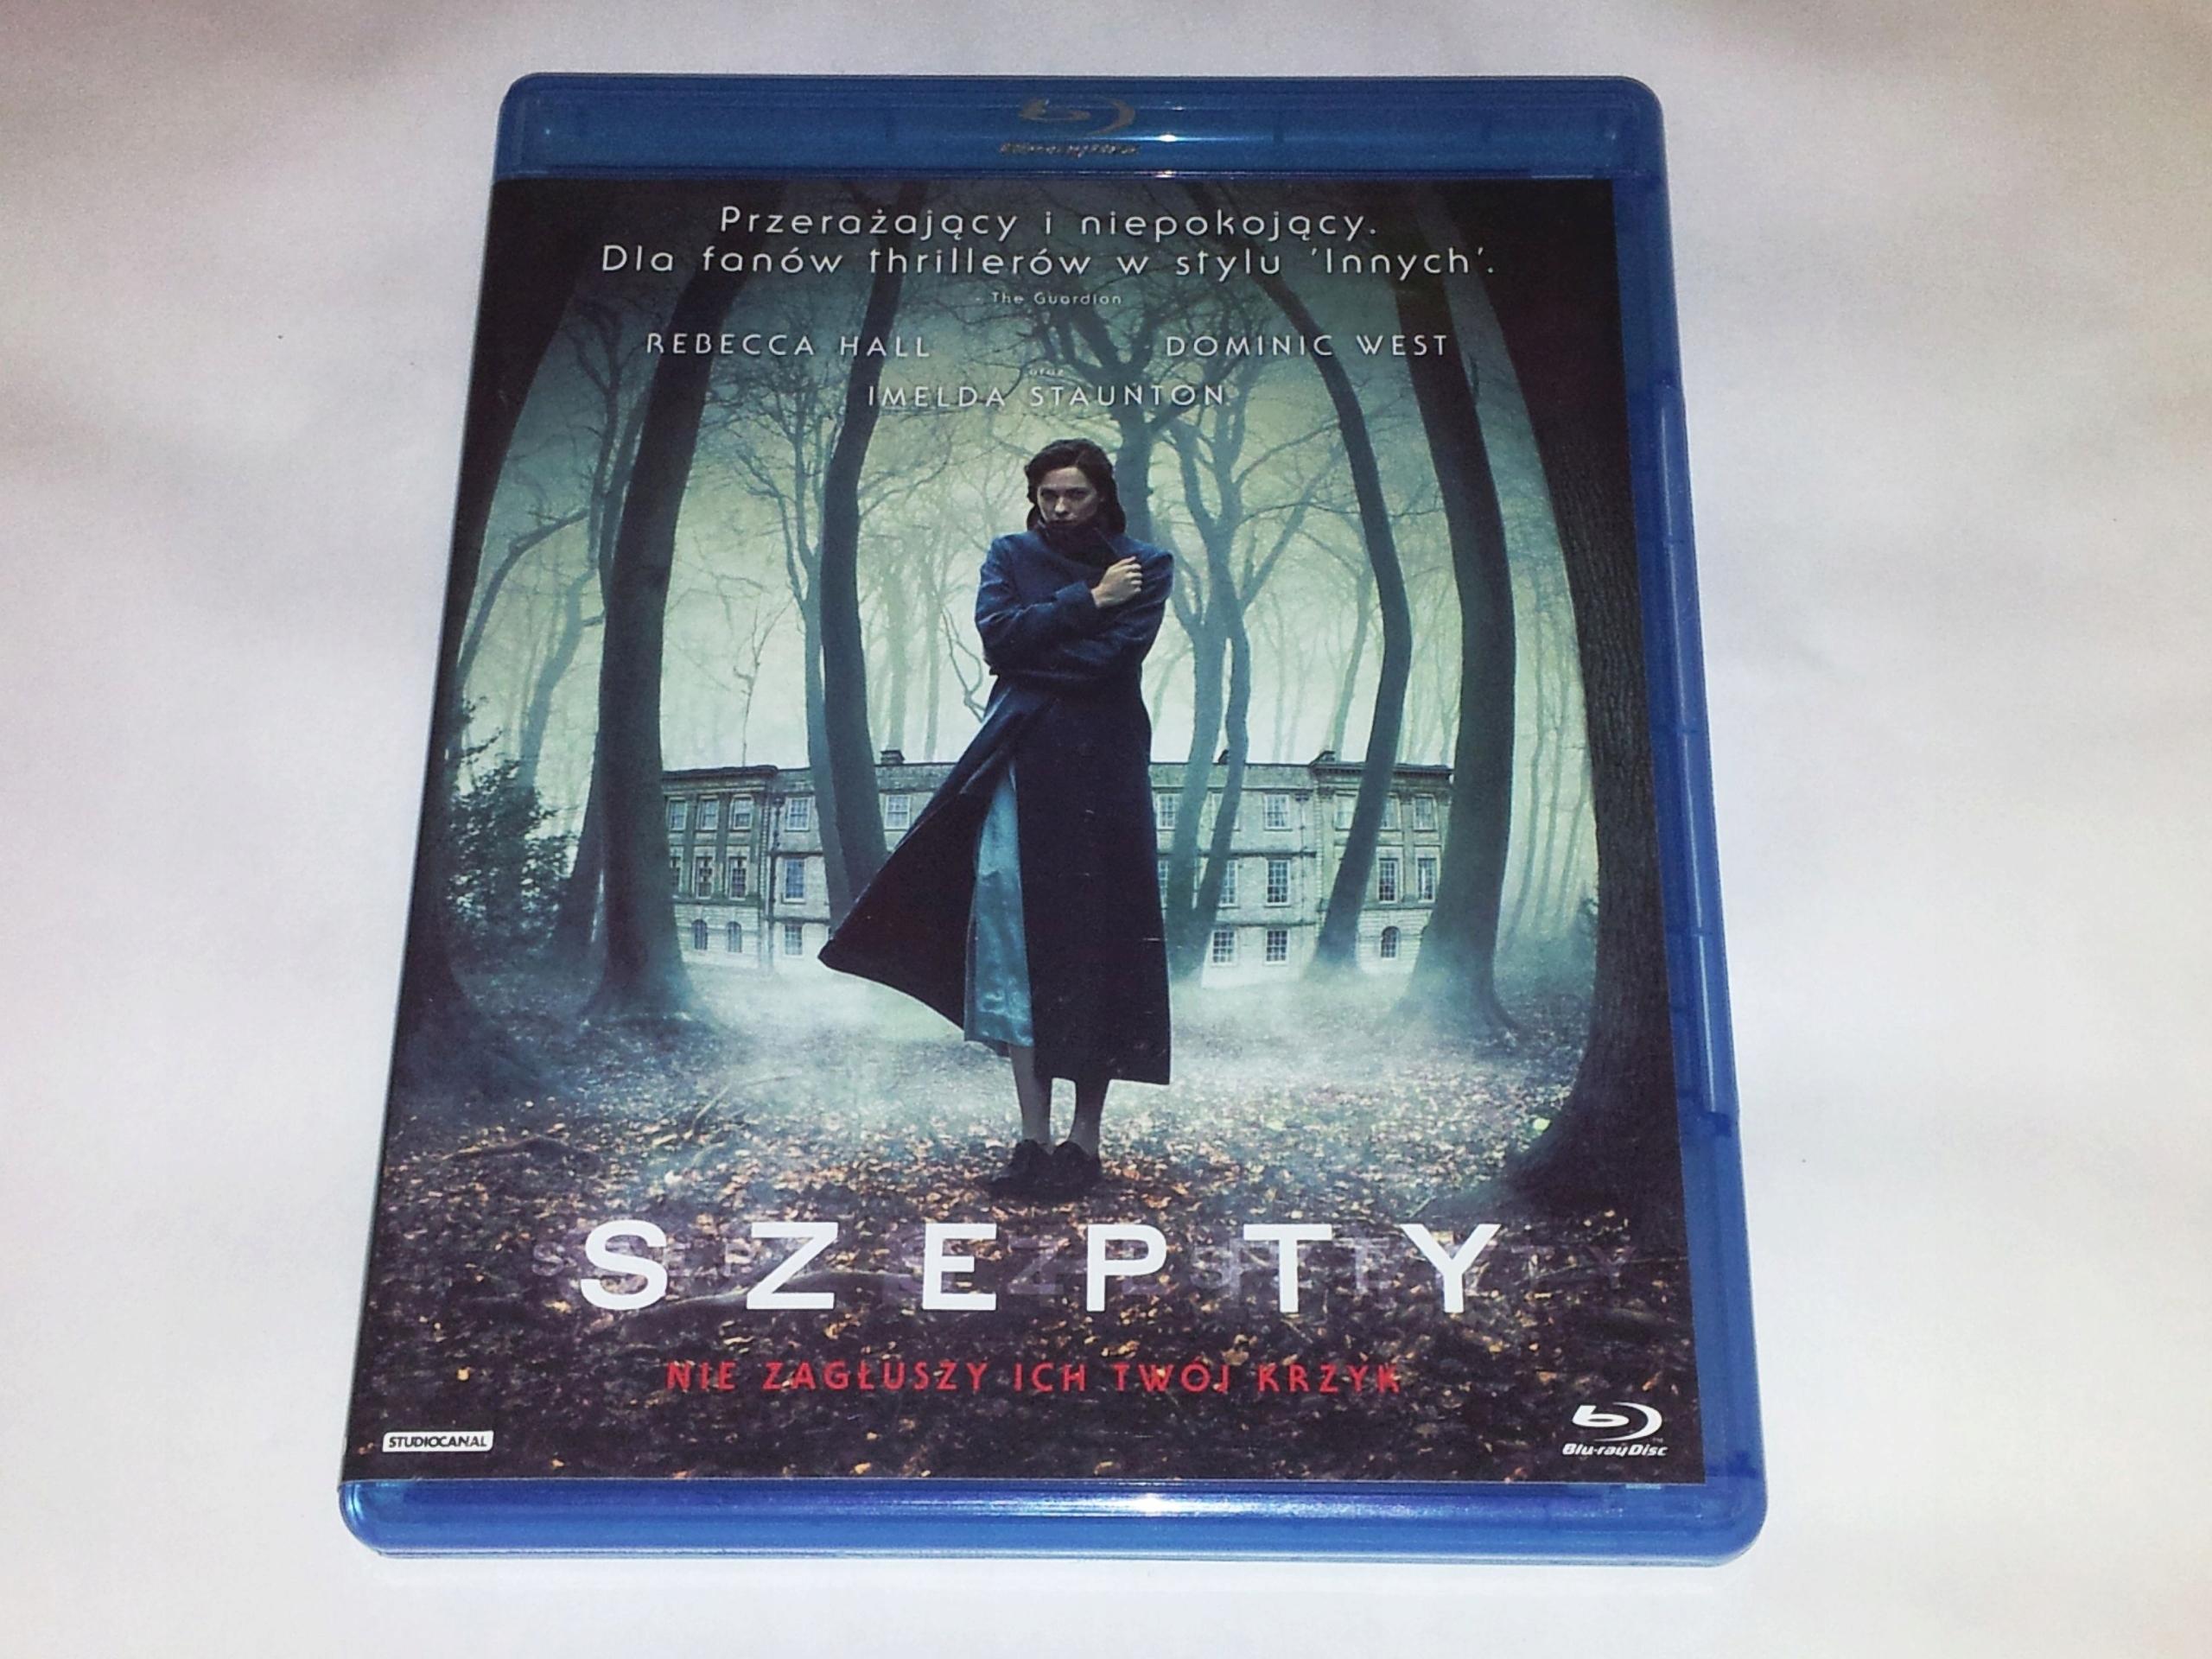 Szepty - Blu-ray - PL - Rebecca Hall - inne FILMY